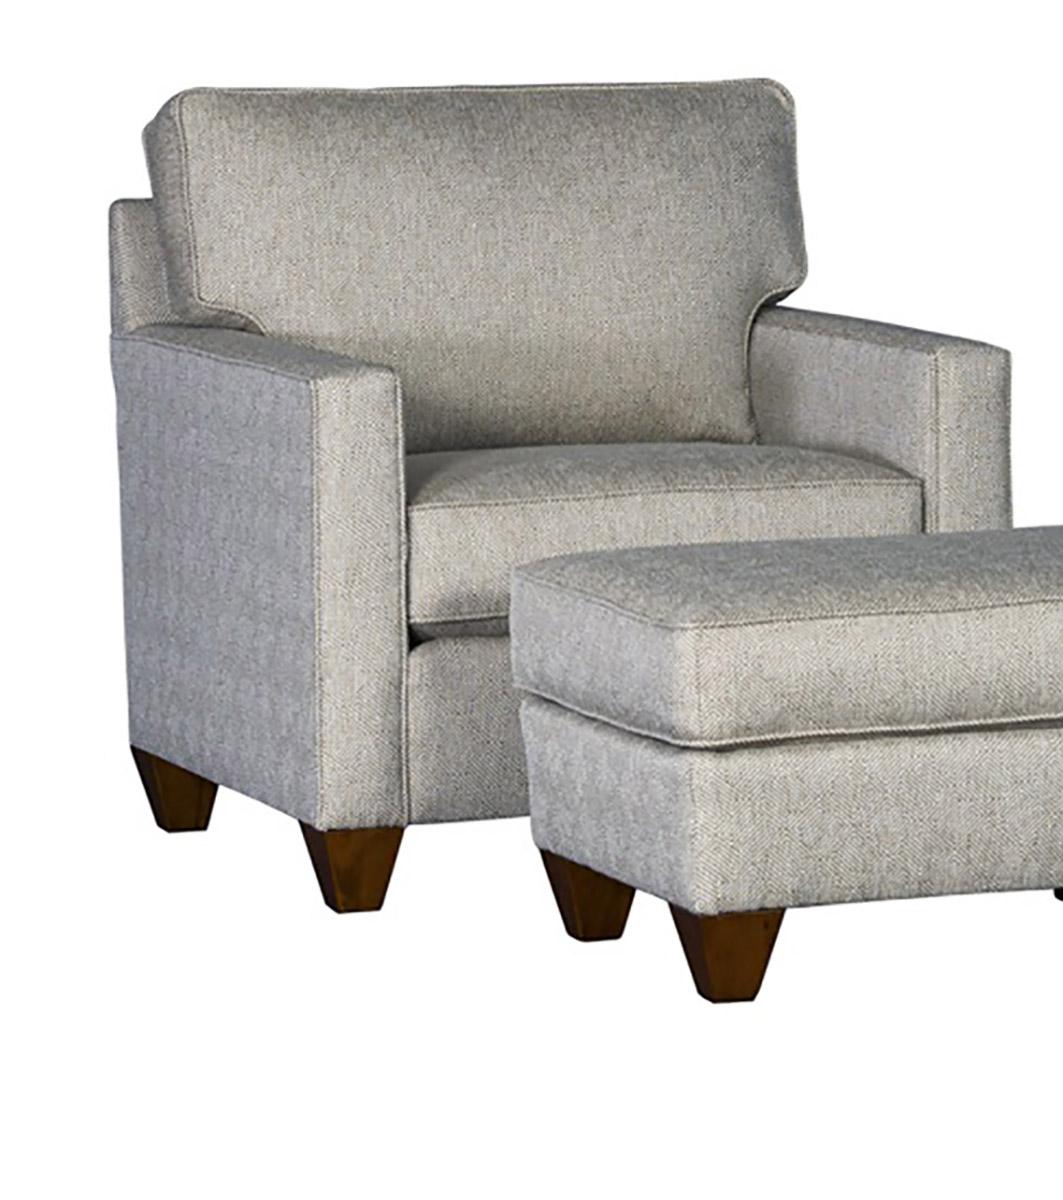 Chelsea Home Sutton Chair - Beige